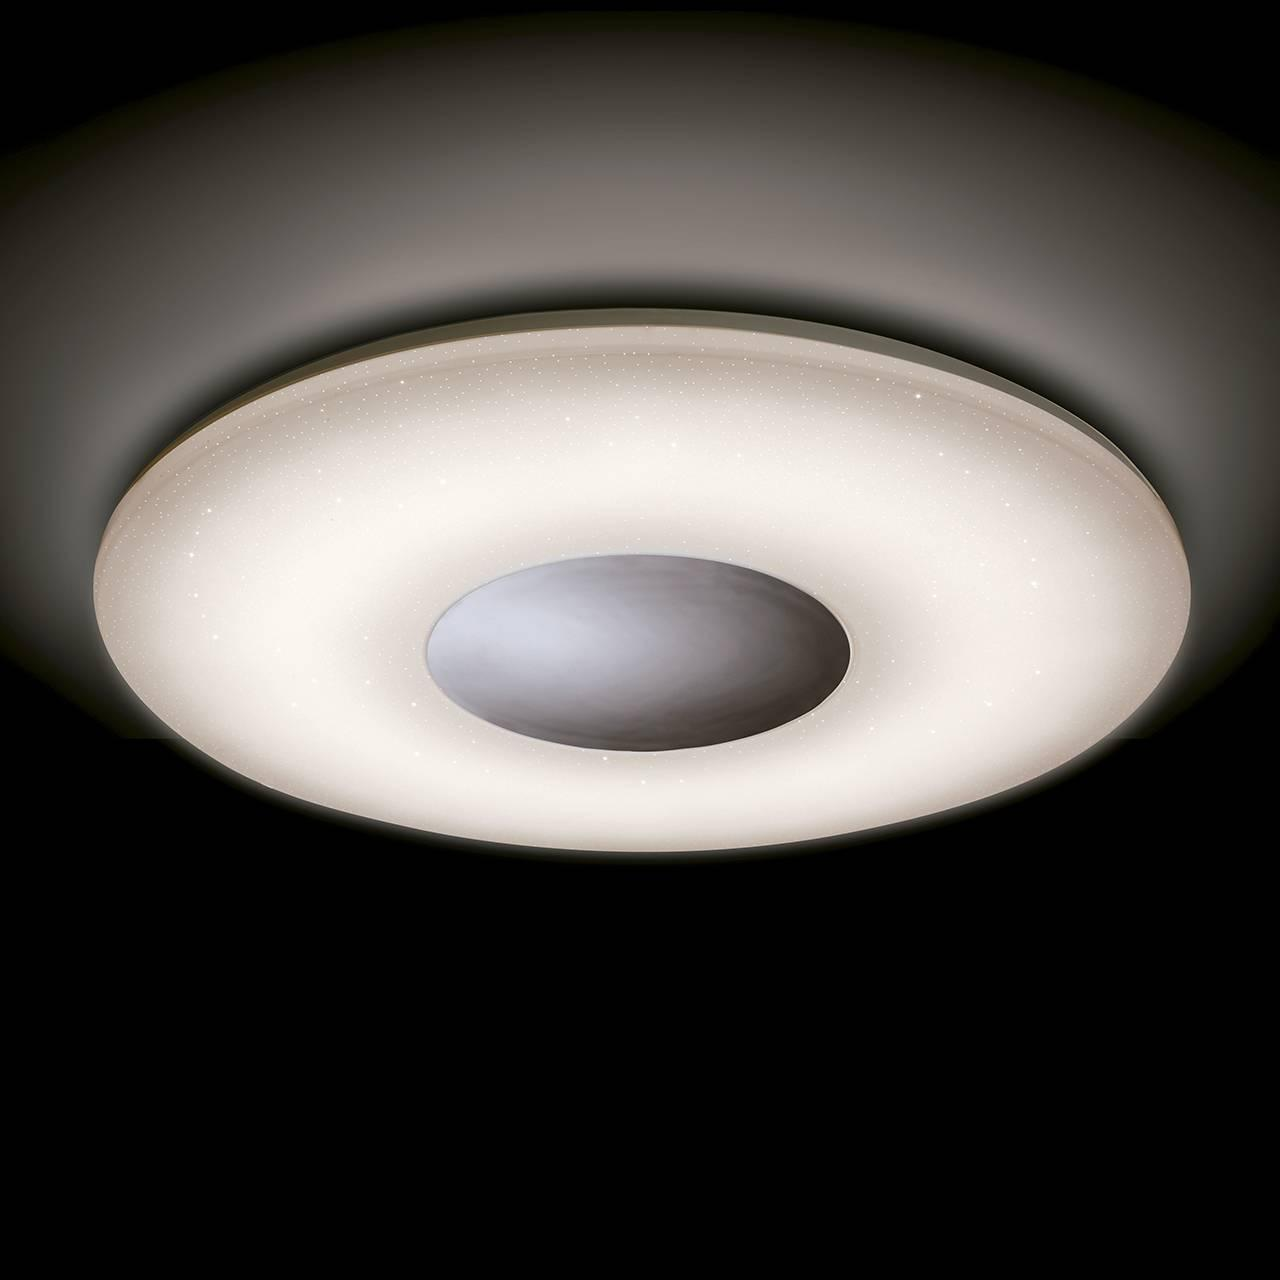 Потолочный светодиодный светильник Mantra Diamante 3692 накладной светильник mantra diamante 5115